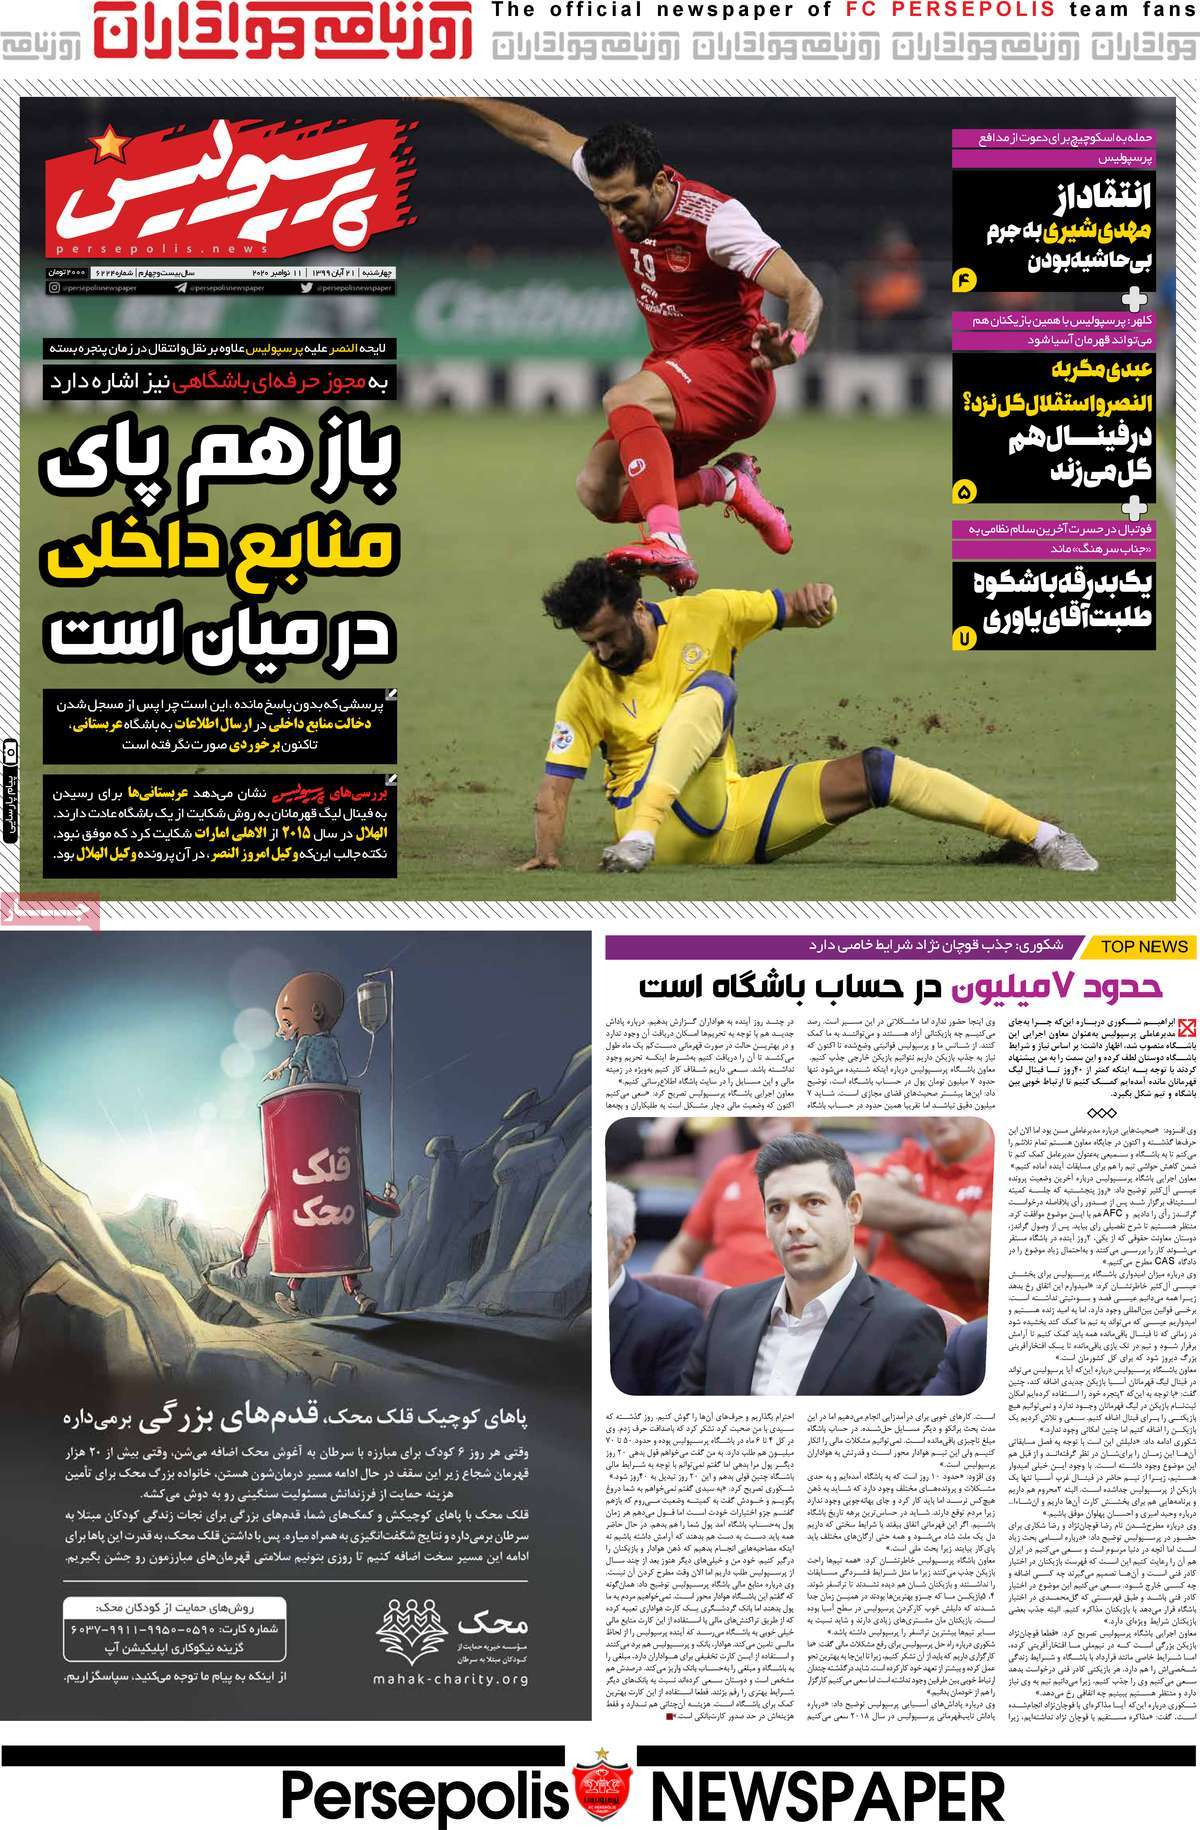 صفحه اول روزنامه پرسپولیس